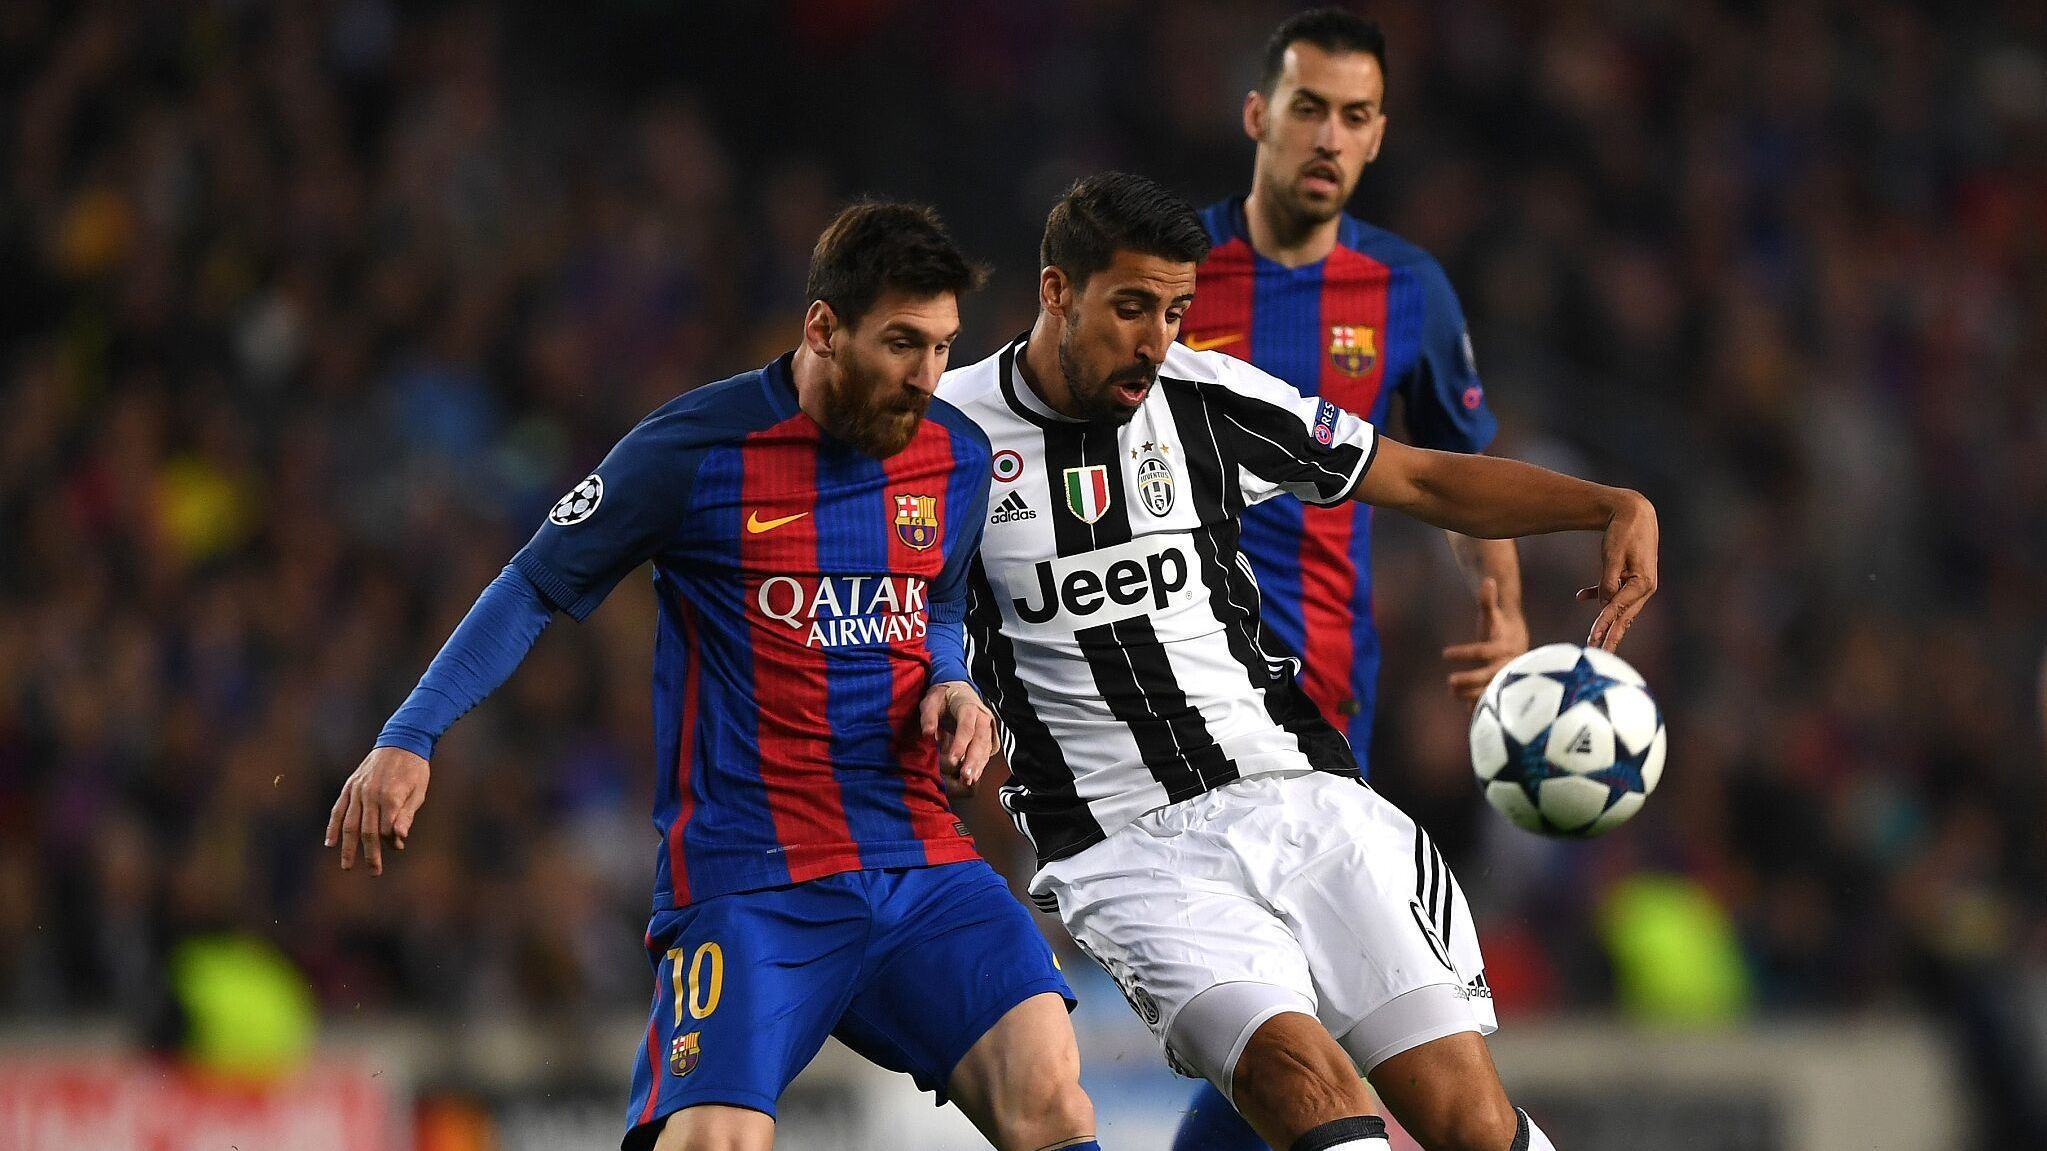 原声回放:欧冠1/4决赛次回合 巴萨vs尤文 下半场_巴塞罗那